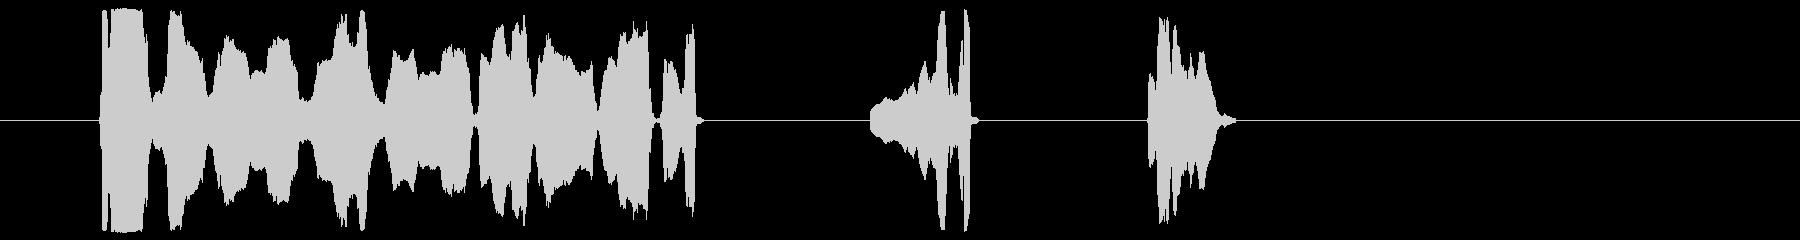 スライドホイッスル2-3バージョン-漫画の未再生の波形